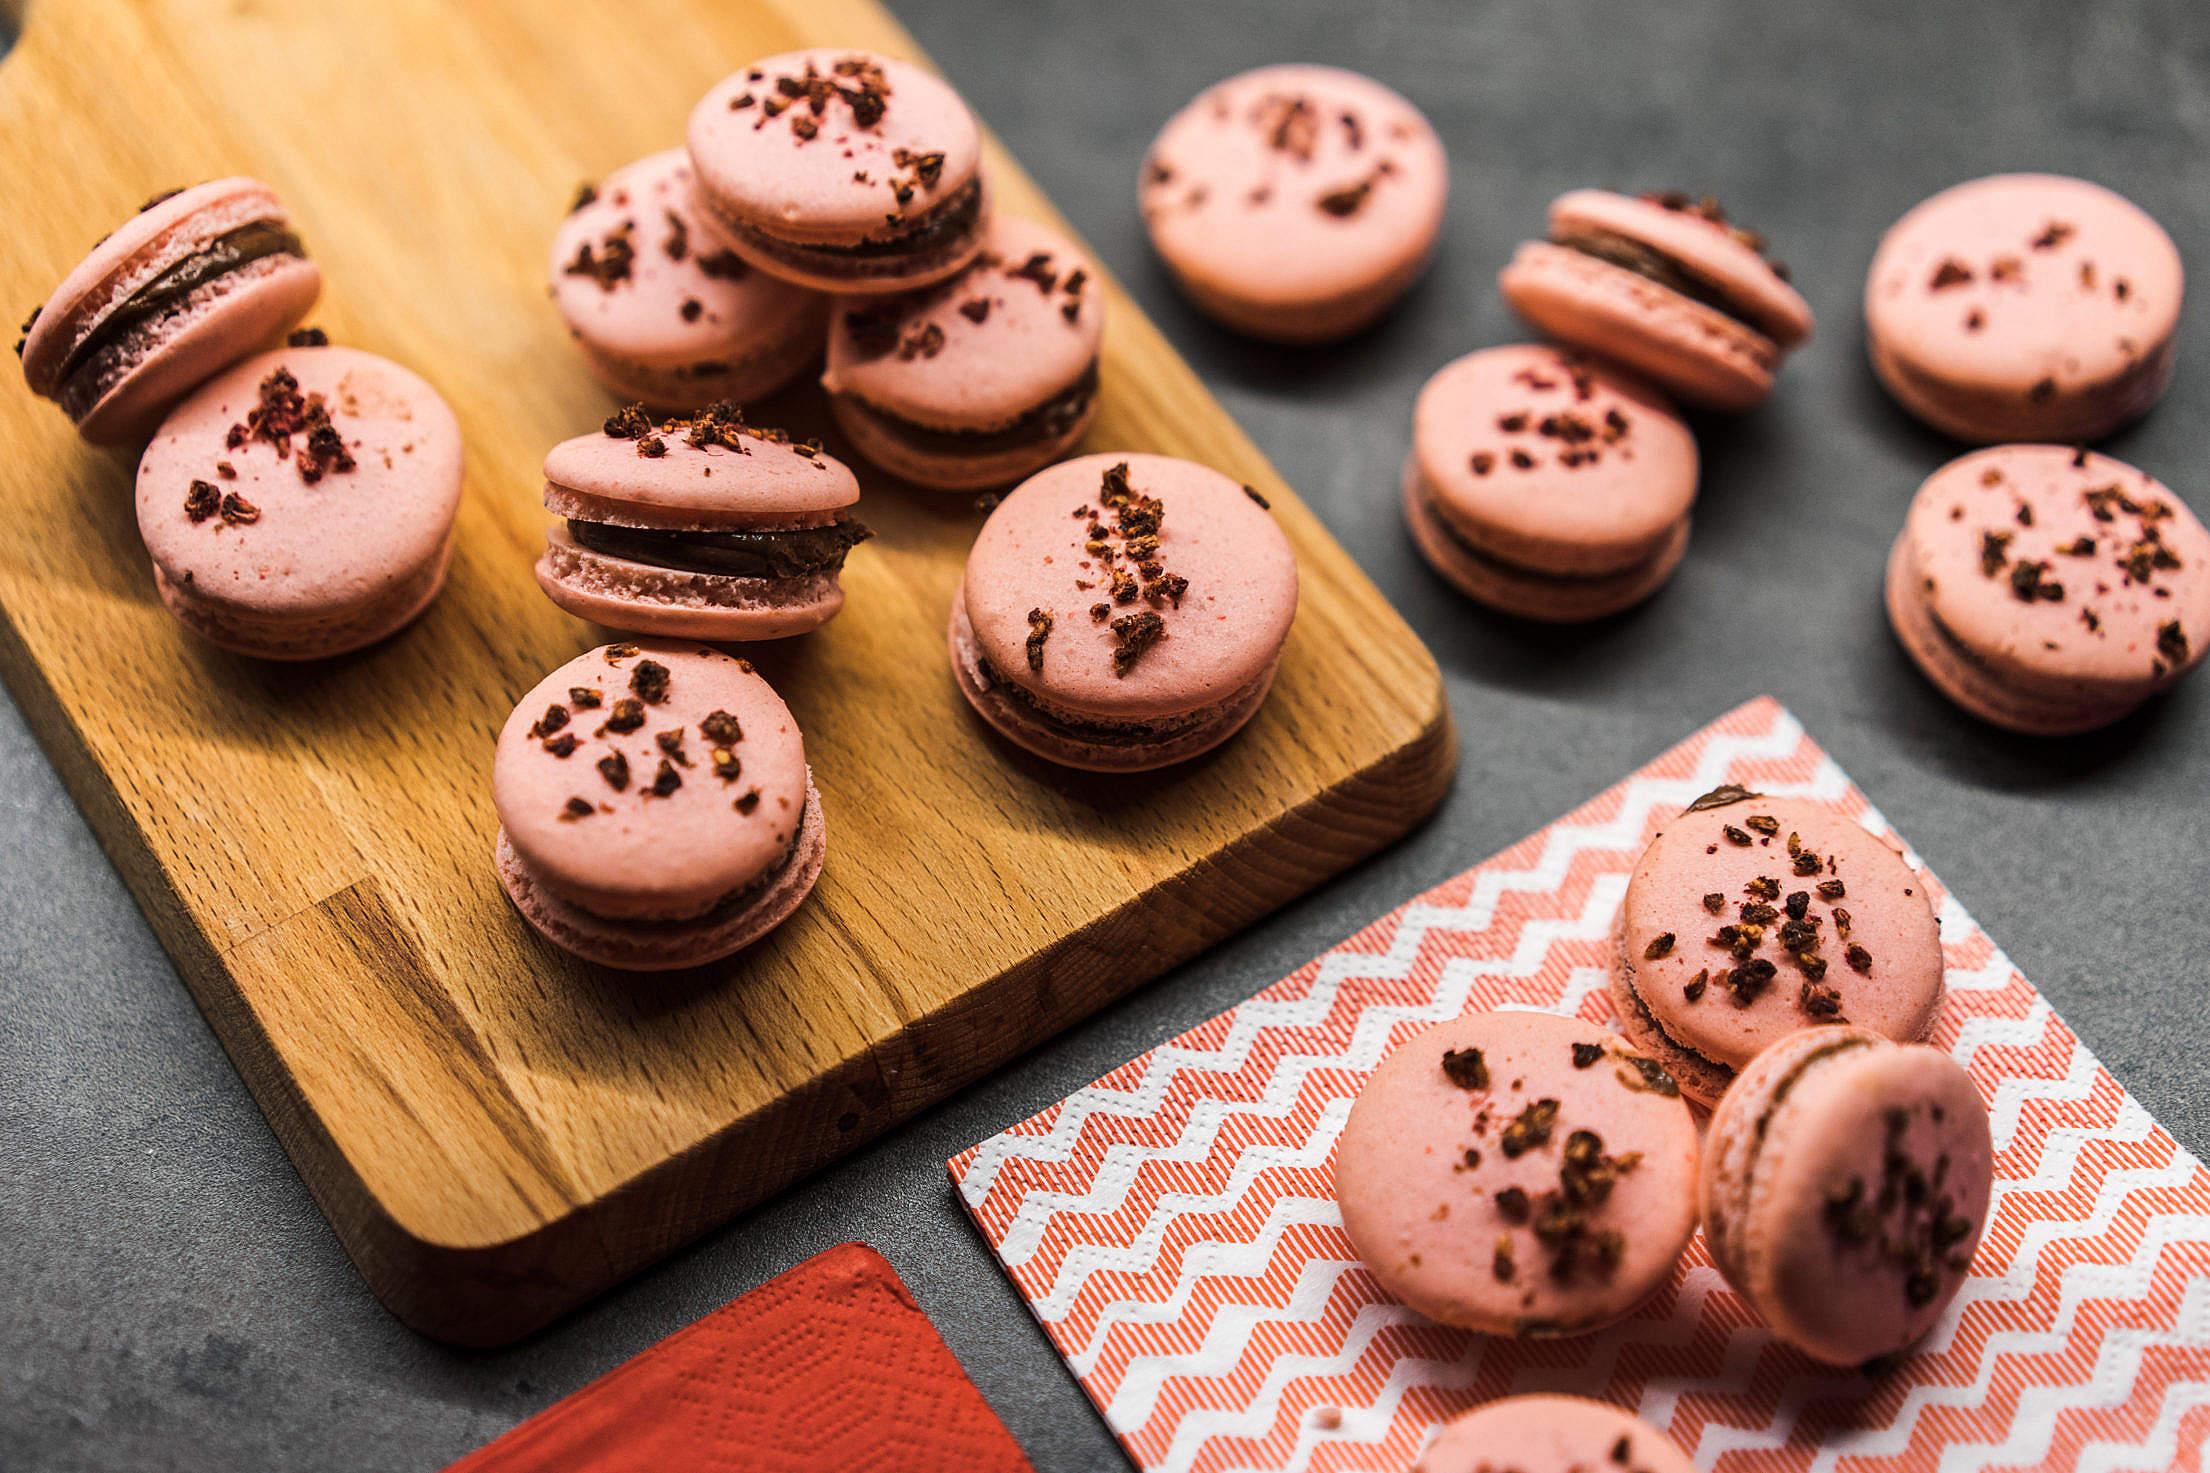 Pink Macarons Free Stock Photo